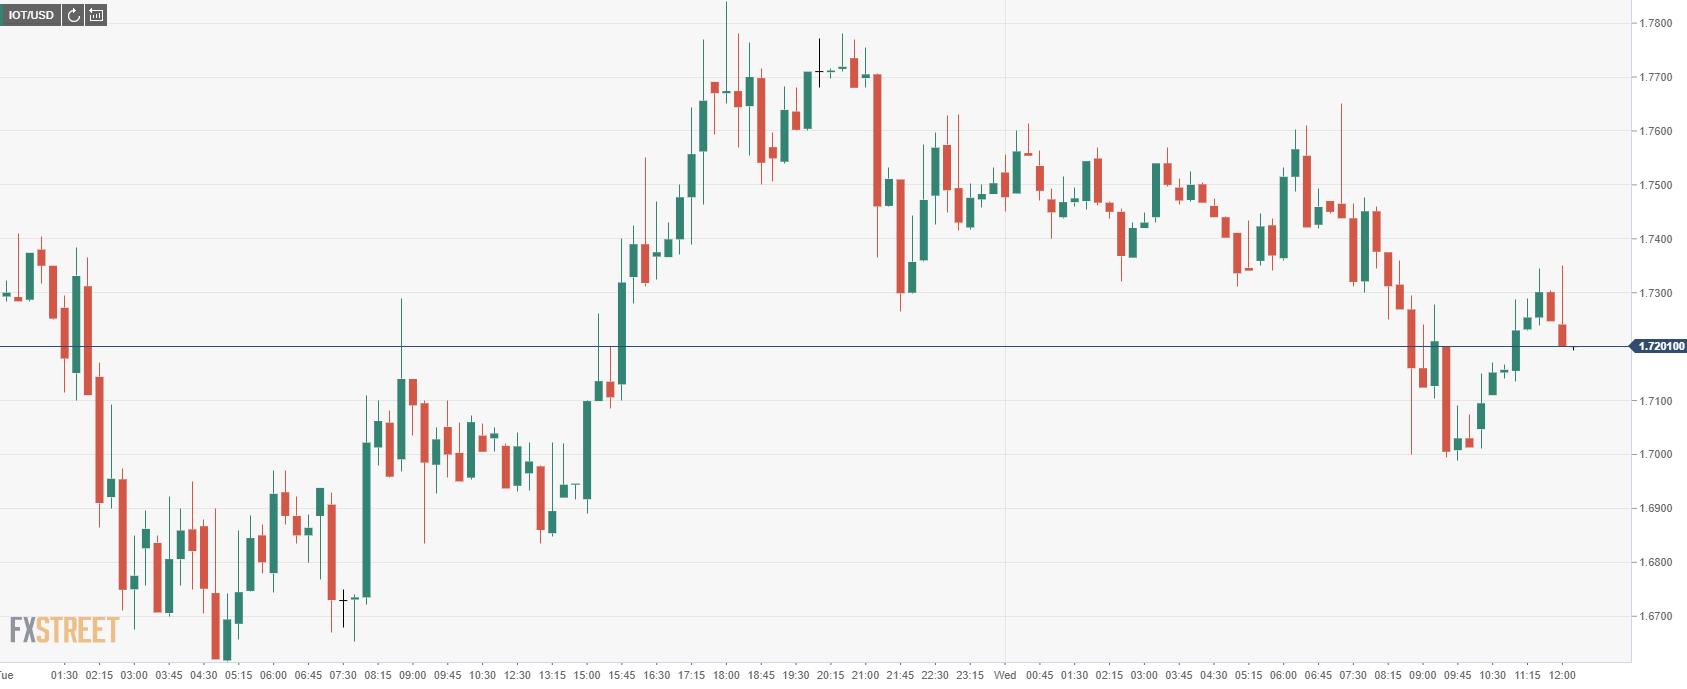 iota price analysis   iota orice charts   miota price analysis   miota price charts